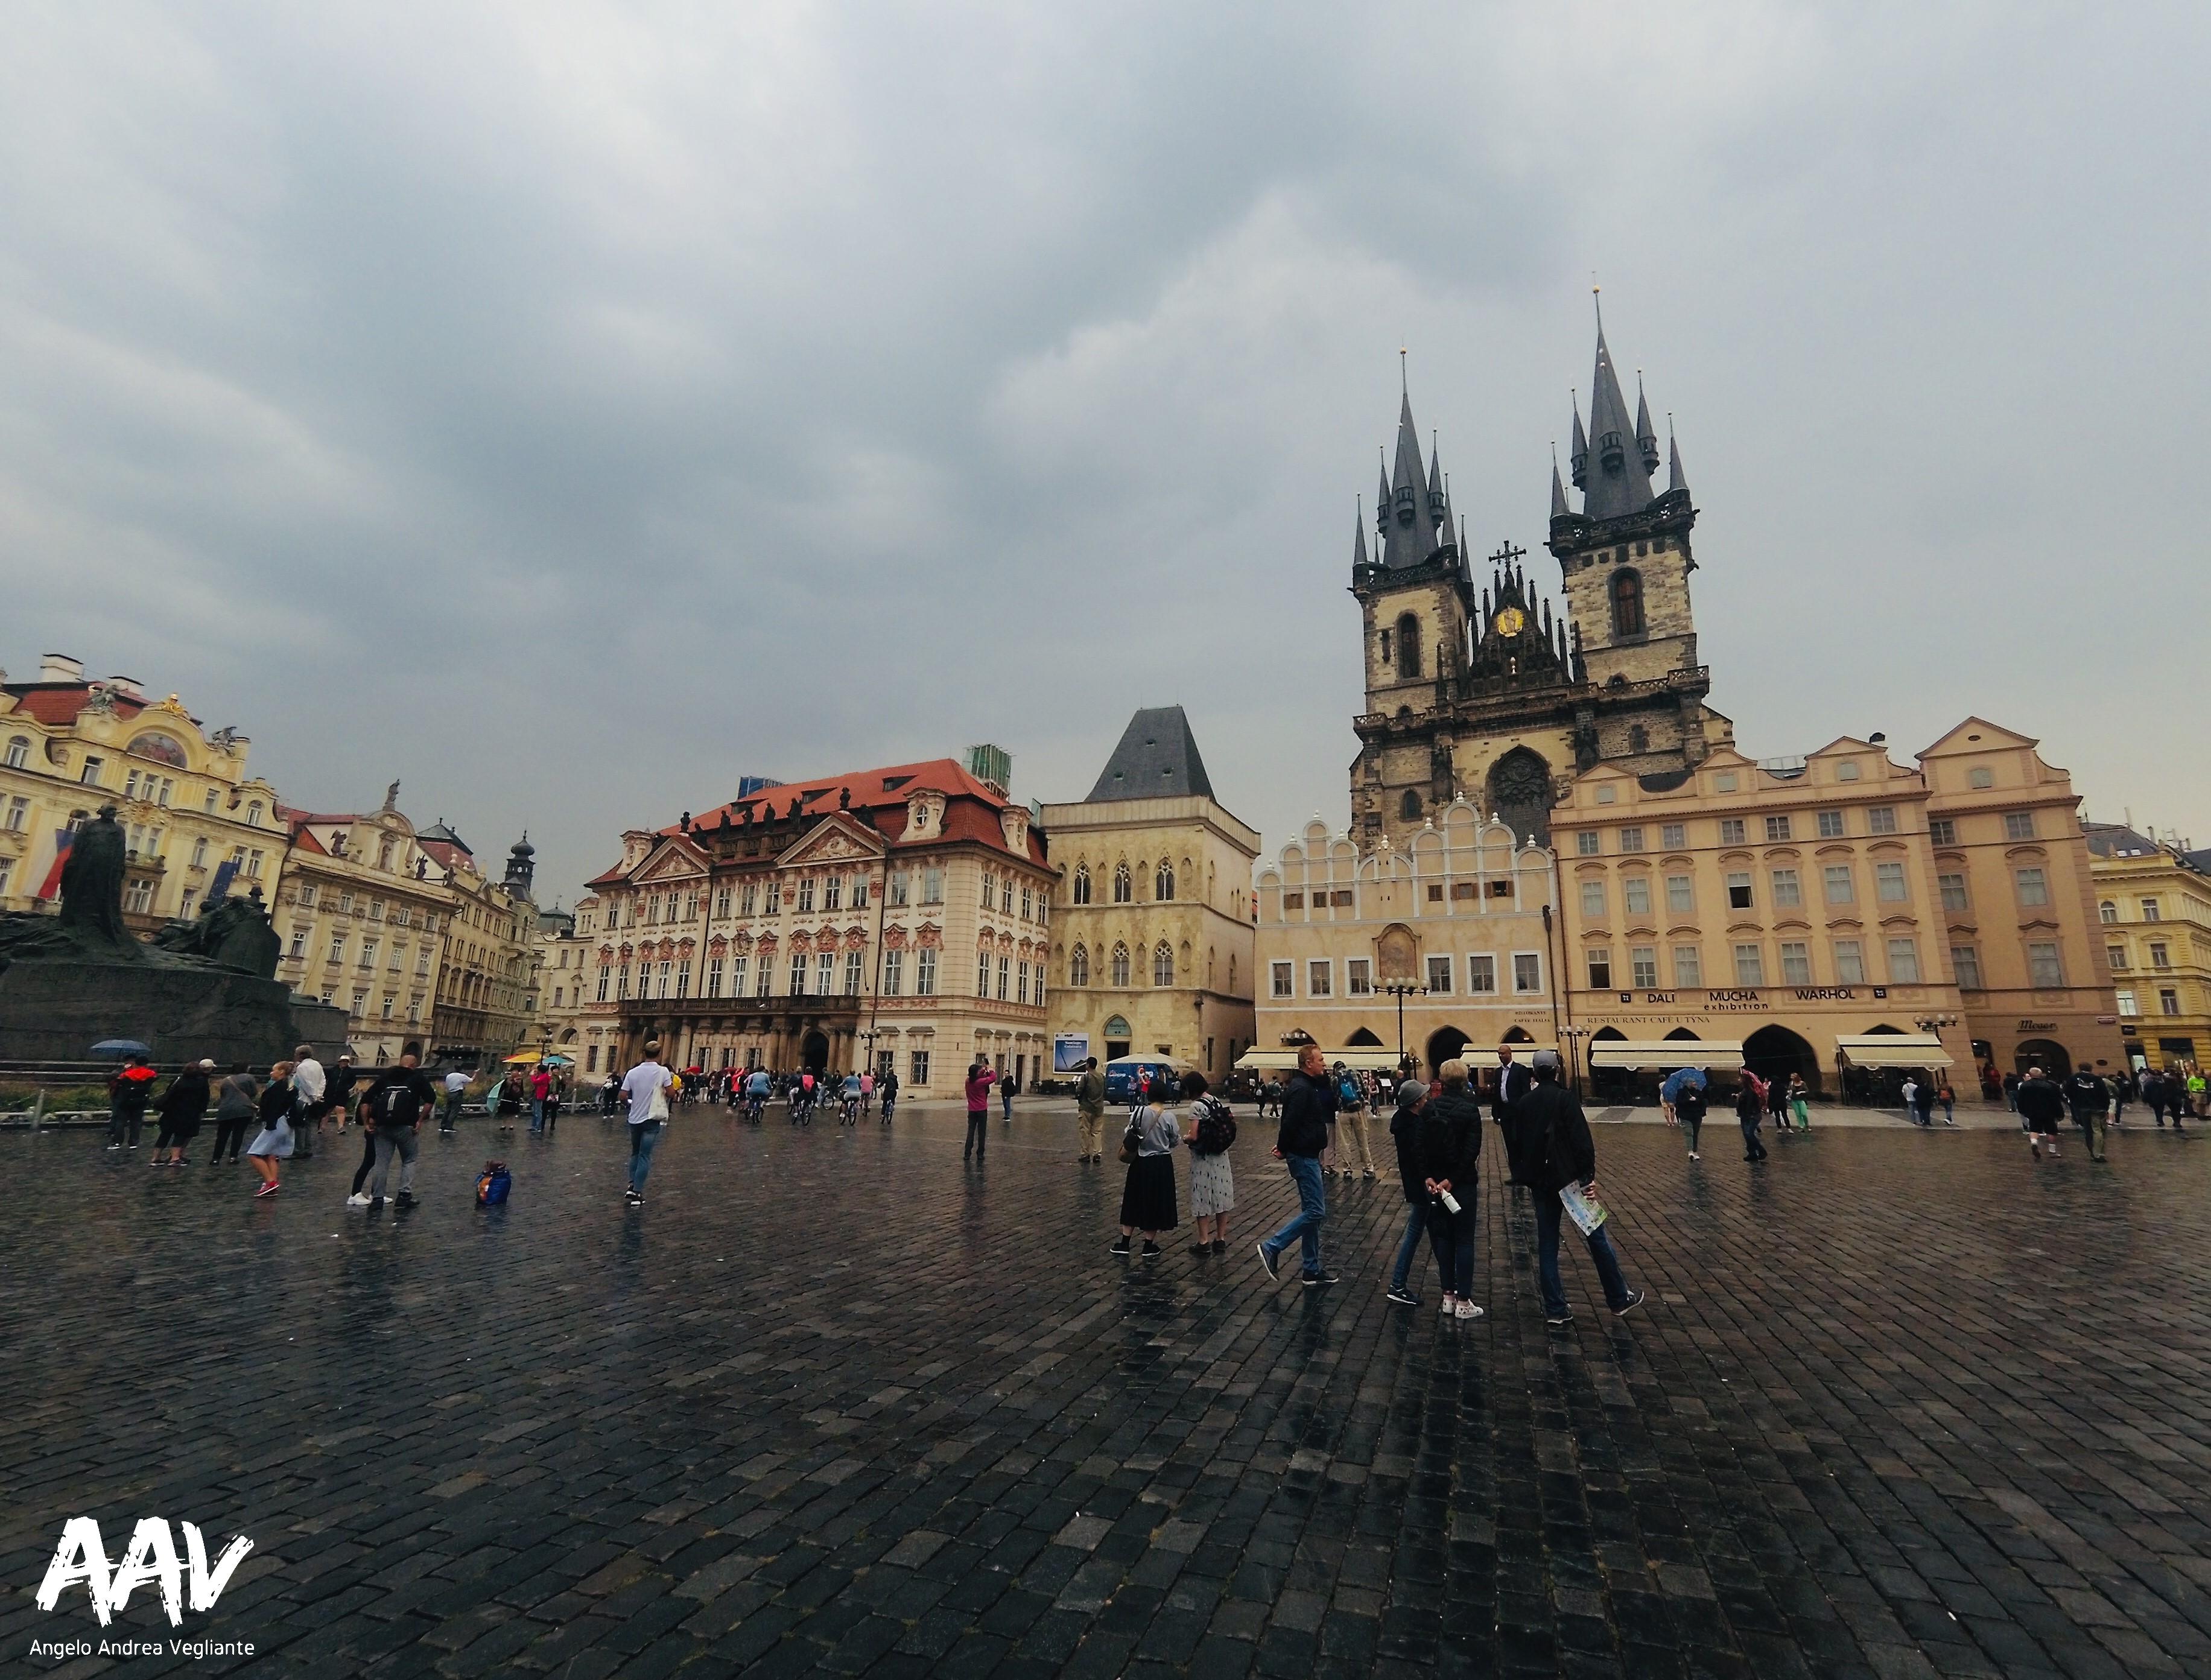 Piazza centrale di Praga-Praga-Europa-Repubblica Ceca-Angelo Andrea Vegliante-Colui che veglia-viaggio-mondo